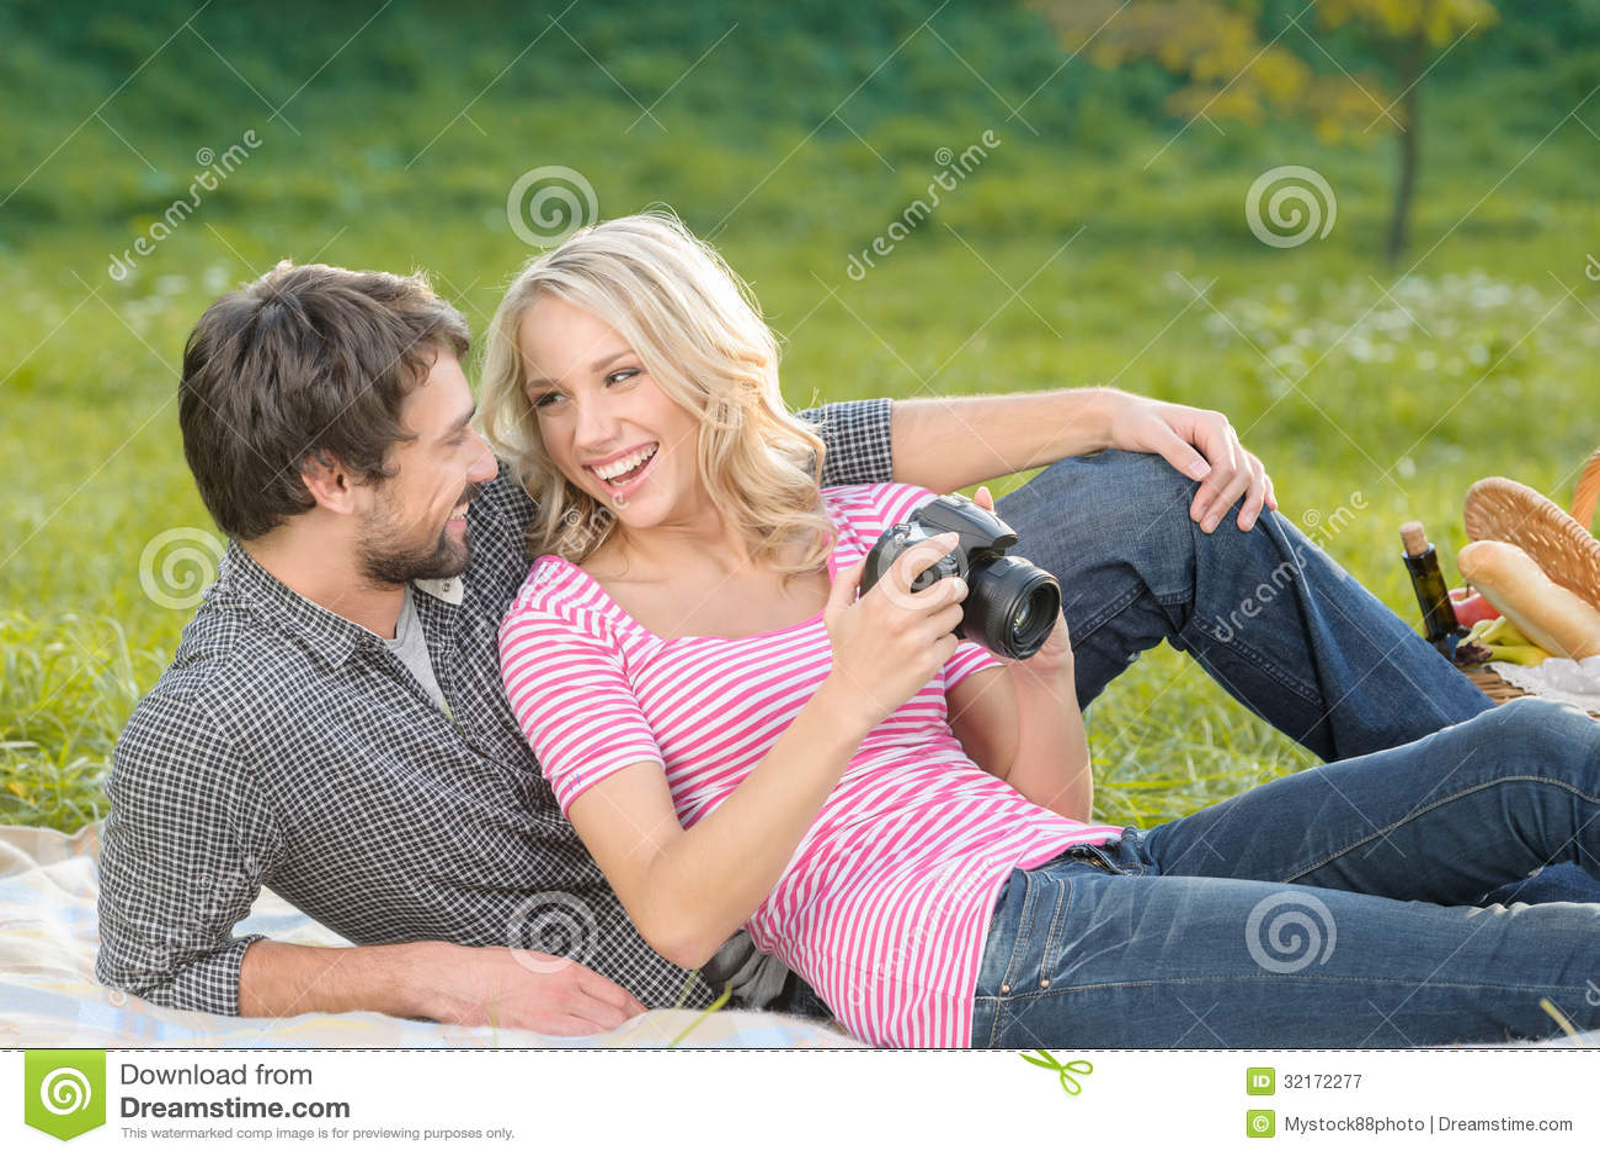 Betrachten Sie dieses Foto! Liebevolles junges Paar betrachtet das photog